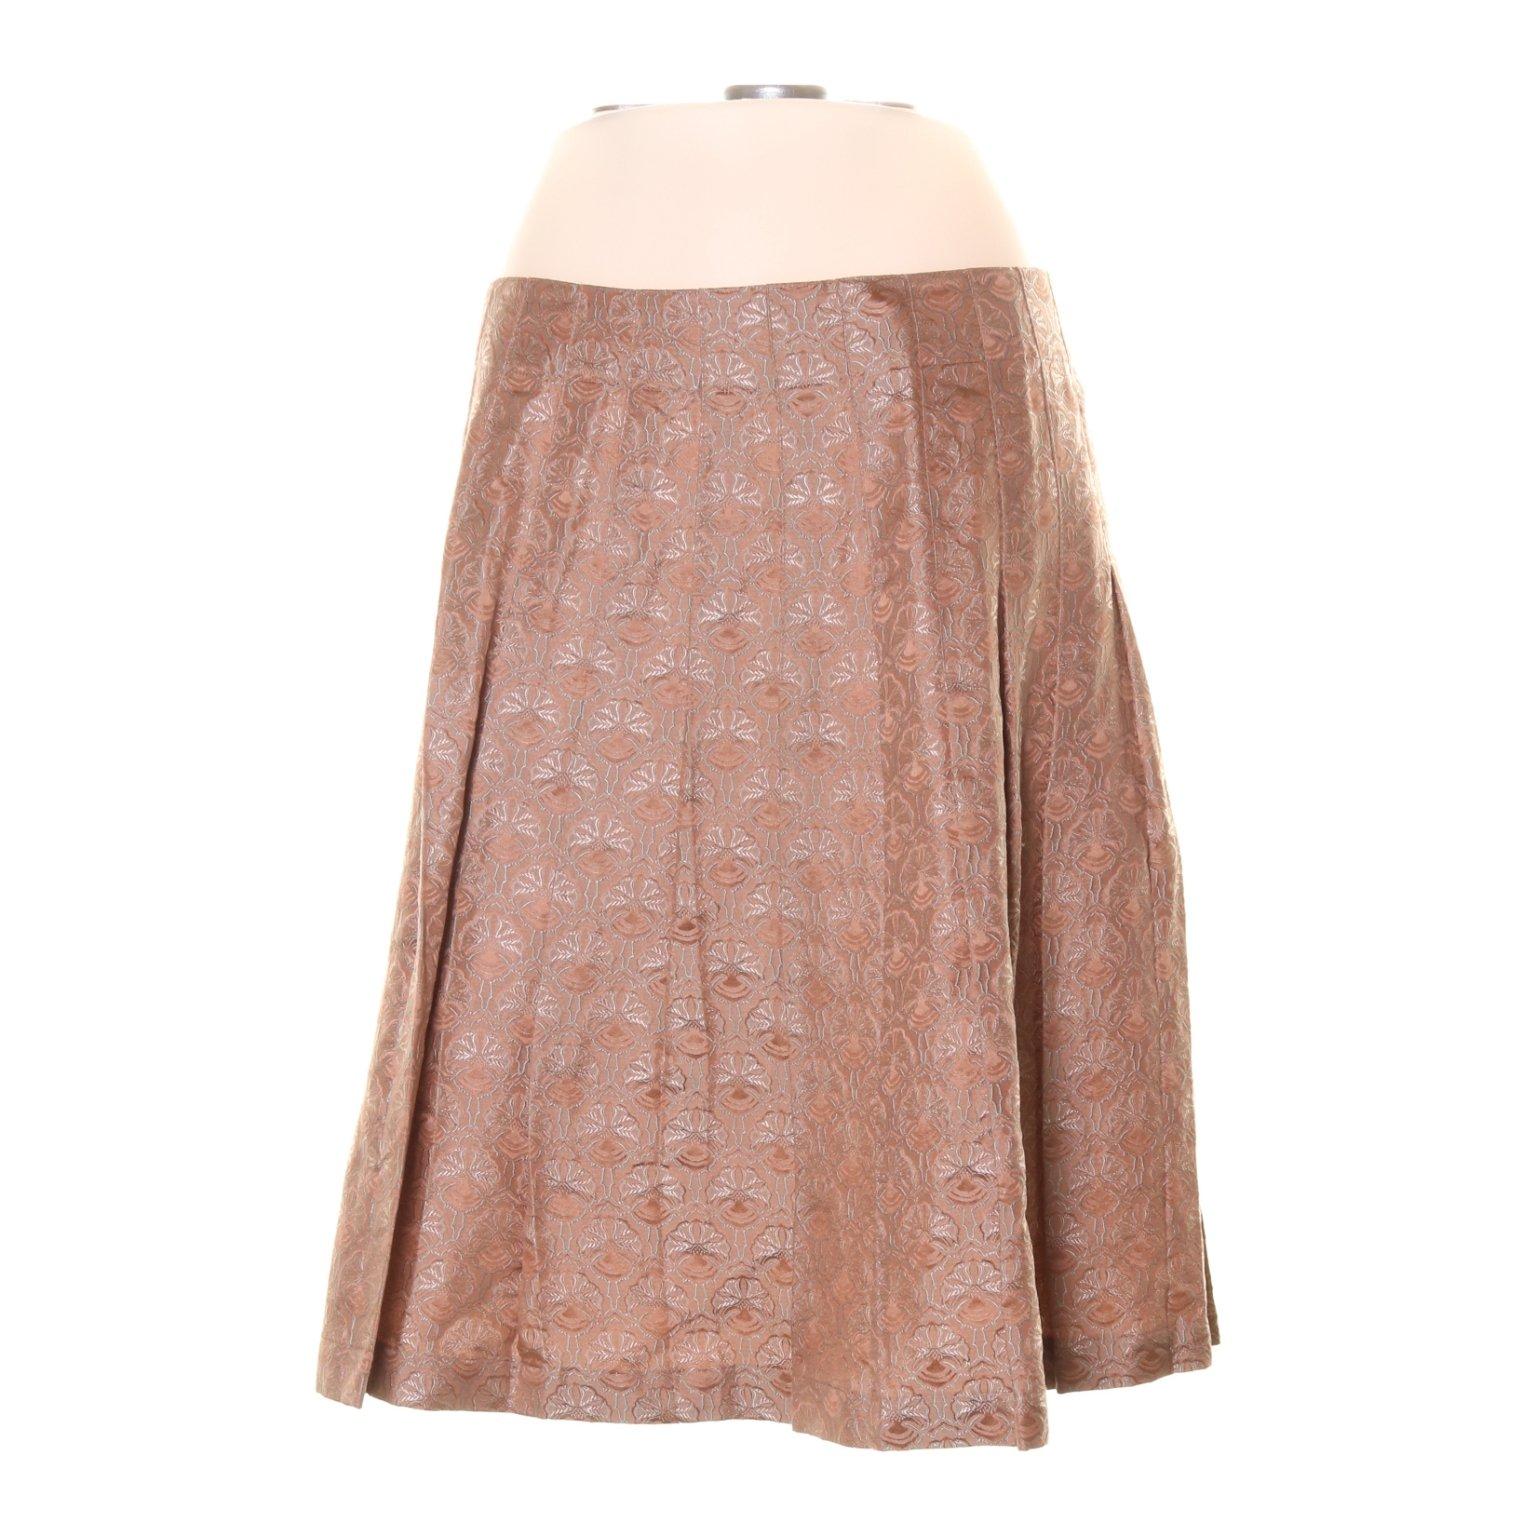 7bec133e4186 Plisserad kjol, Strl: S/M, Rosa (353766125) ᐈ Sellpy på Tradera